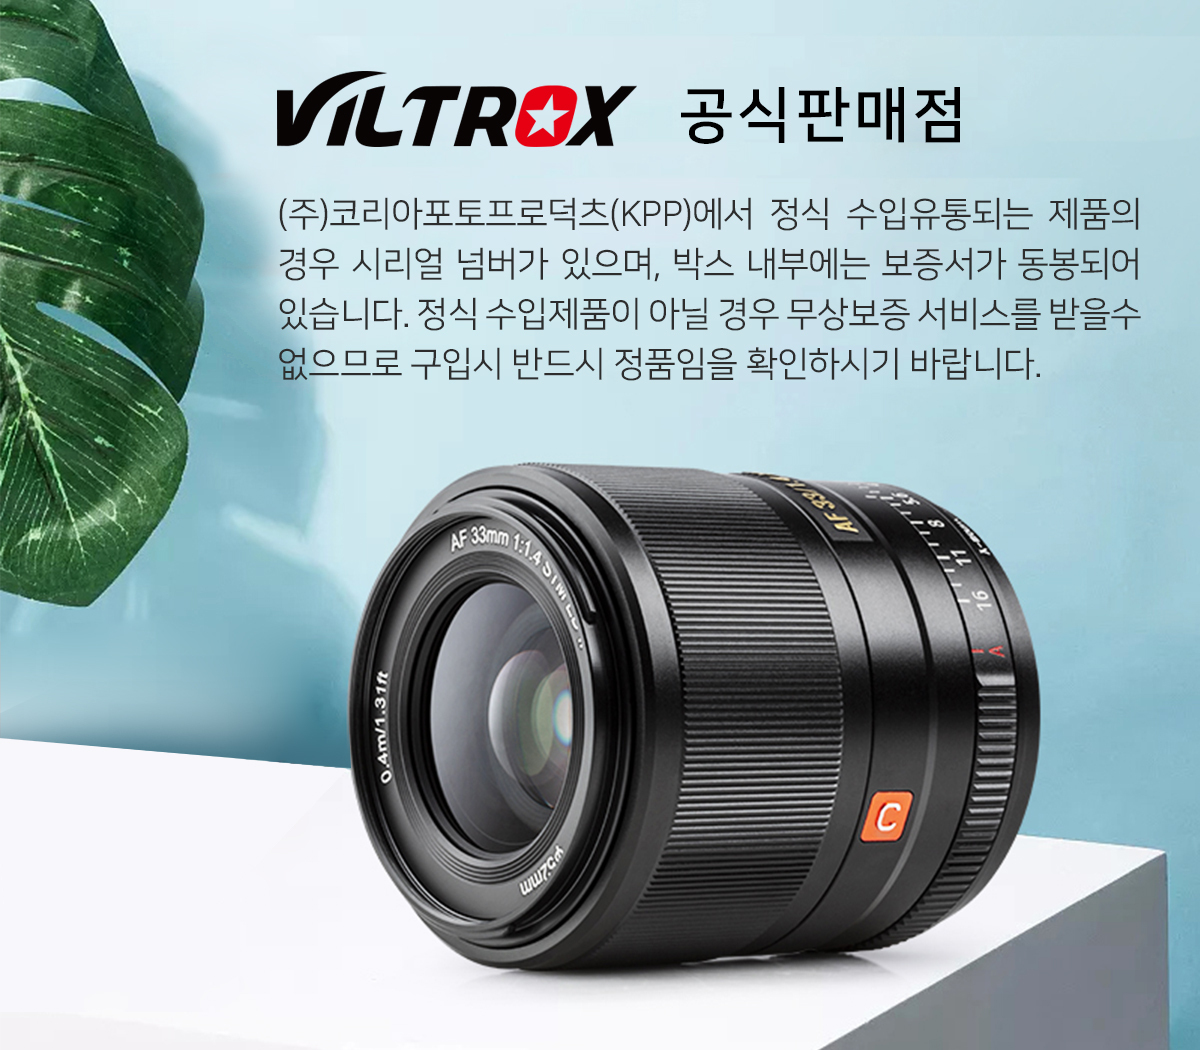 Viltrox_notice.jpg